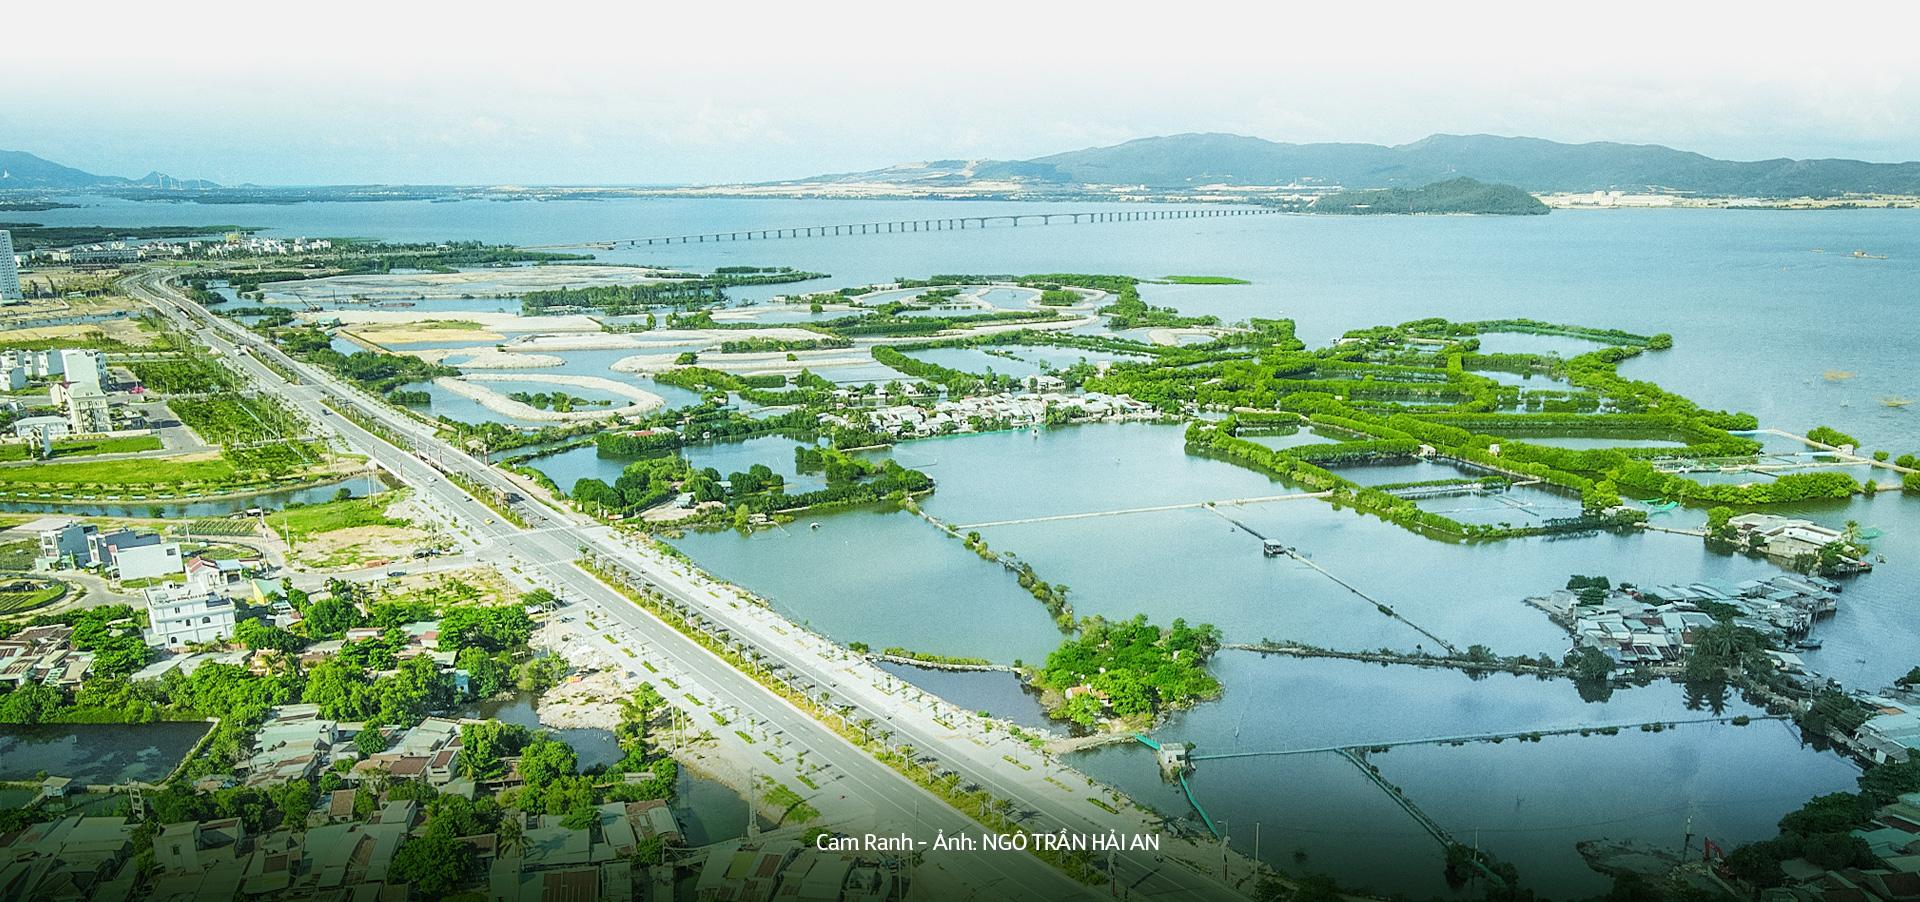 """(Kì 1) mới - Cung đường biển """"5 sao"""": Bình Thuận - Ninh Thuận - Khánh Hòa - Phú Yên - Bình Định - Ảnh 7."""